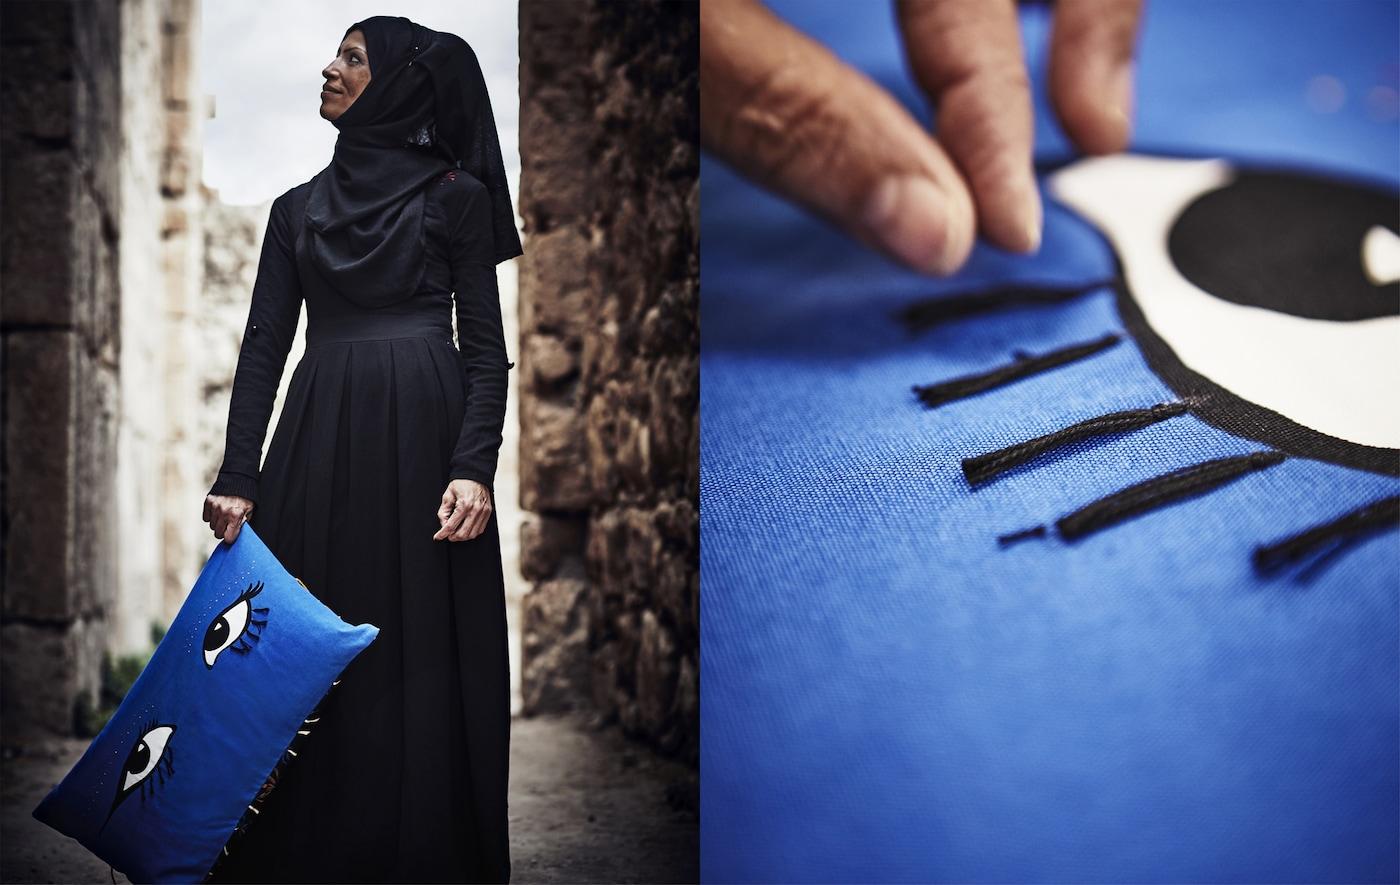 سيدة تحمل وسادة زرقاء بتصميم عينين، وصورة مقربة لتصميم العين بشرابات.